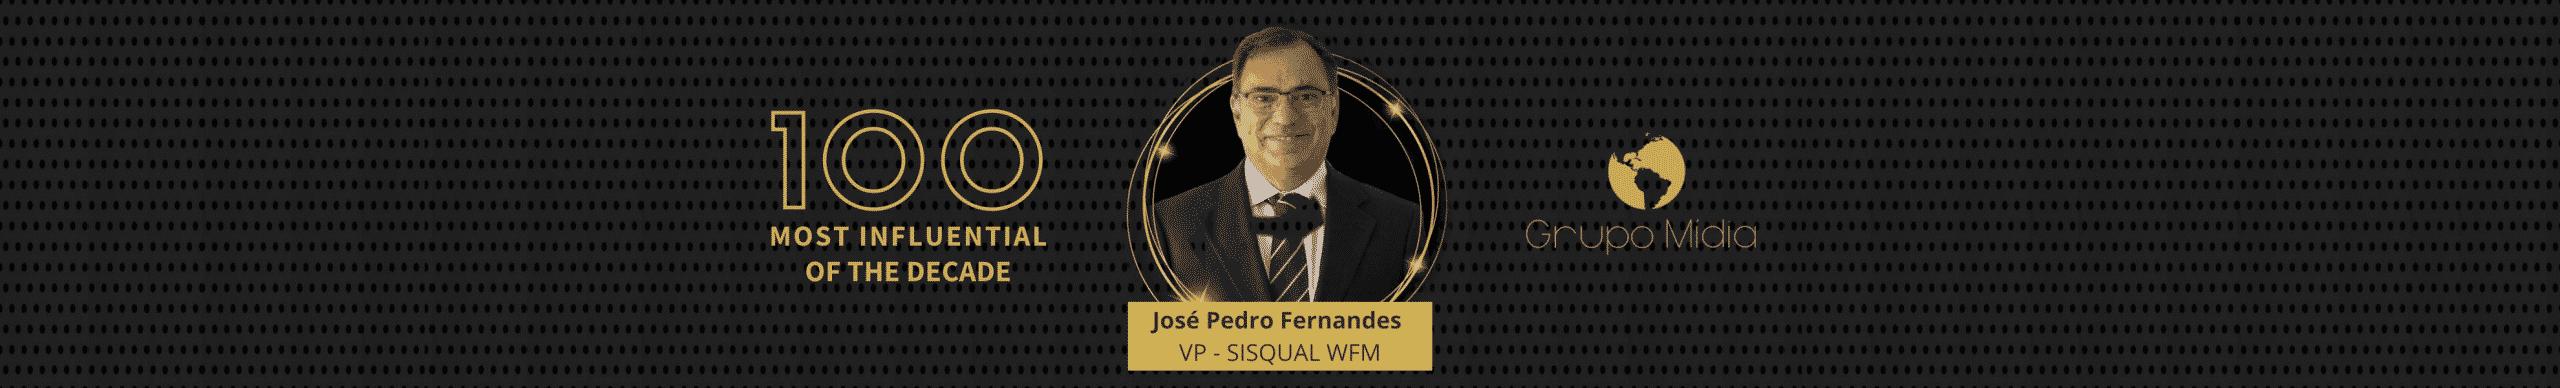 Jose Pedro Fernandez elegido como una de las 100 personas más influyentes en Healthcare